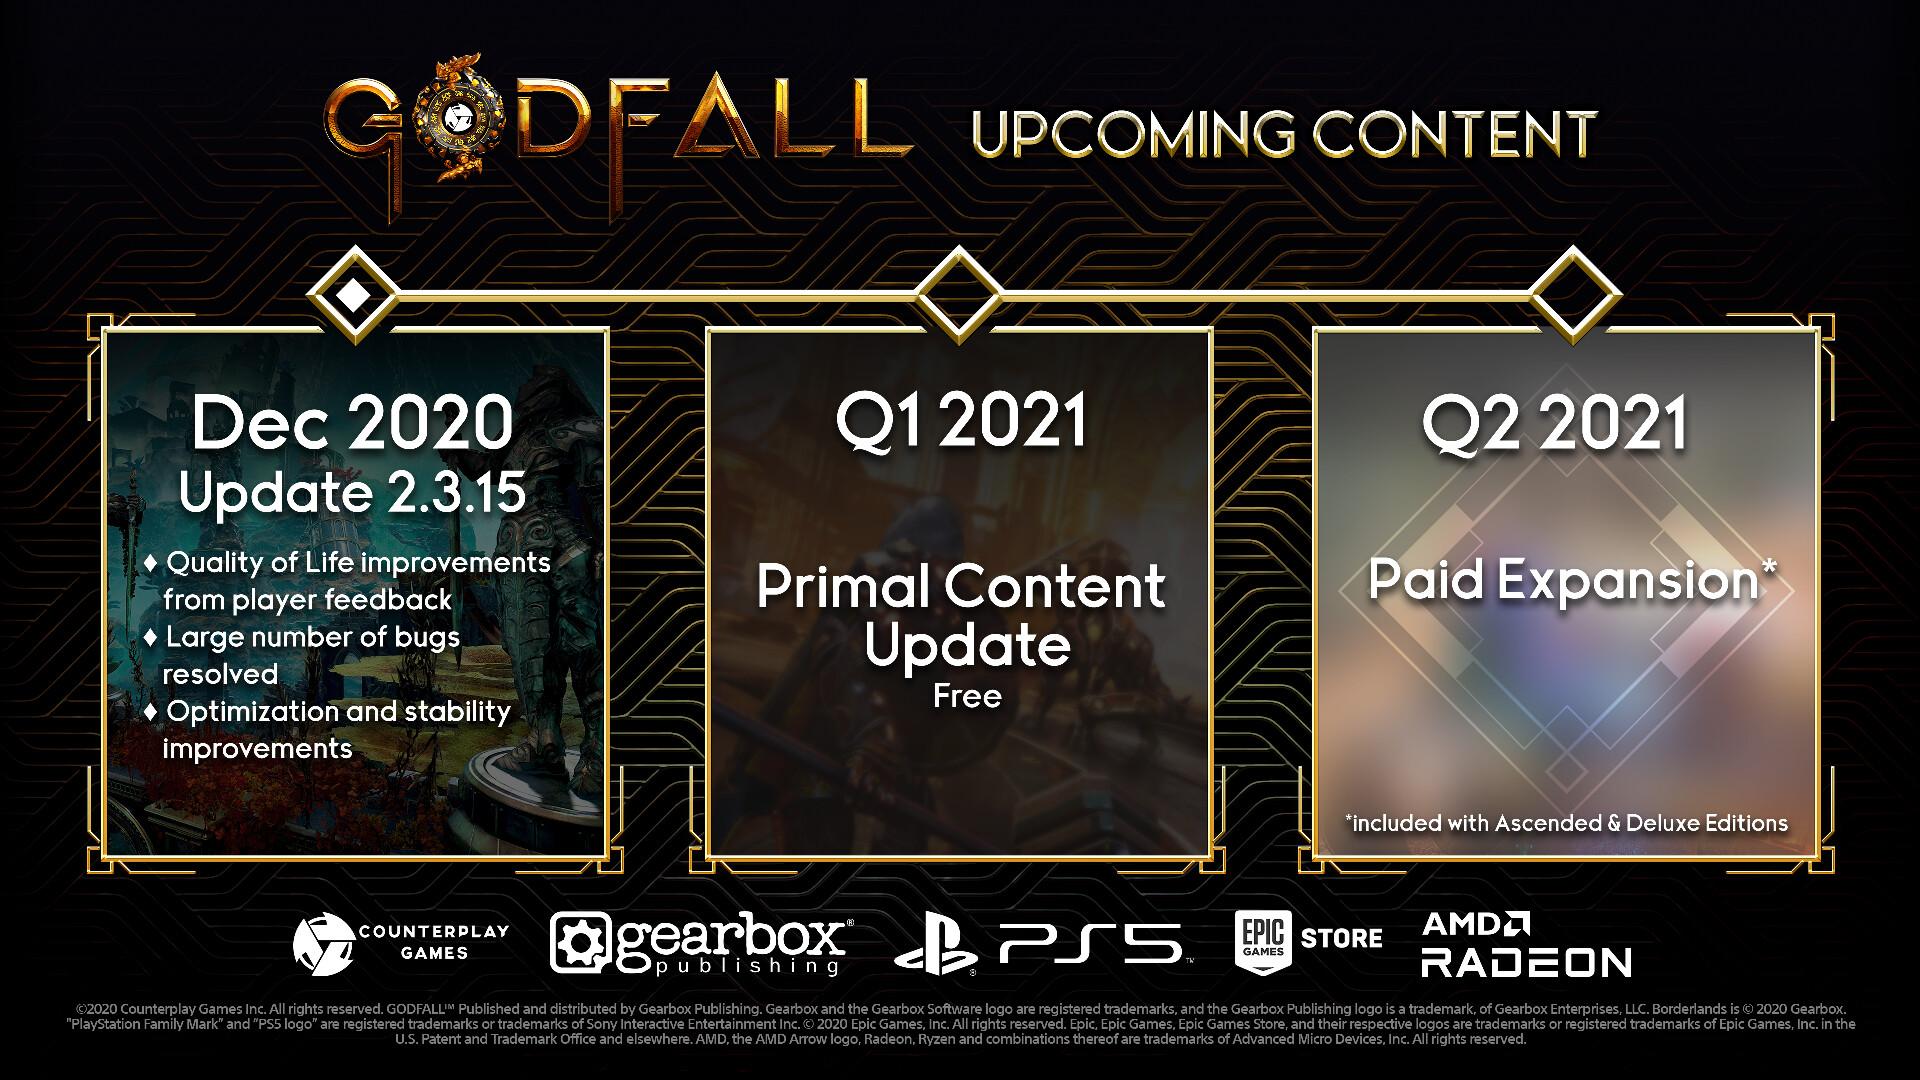 《众神陨落》公布路线图 将有免费内容和付费DLC